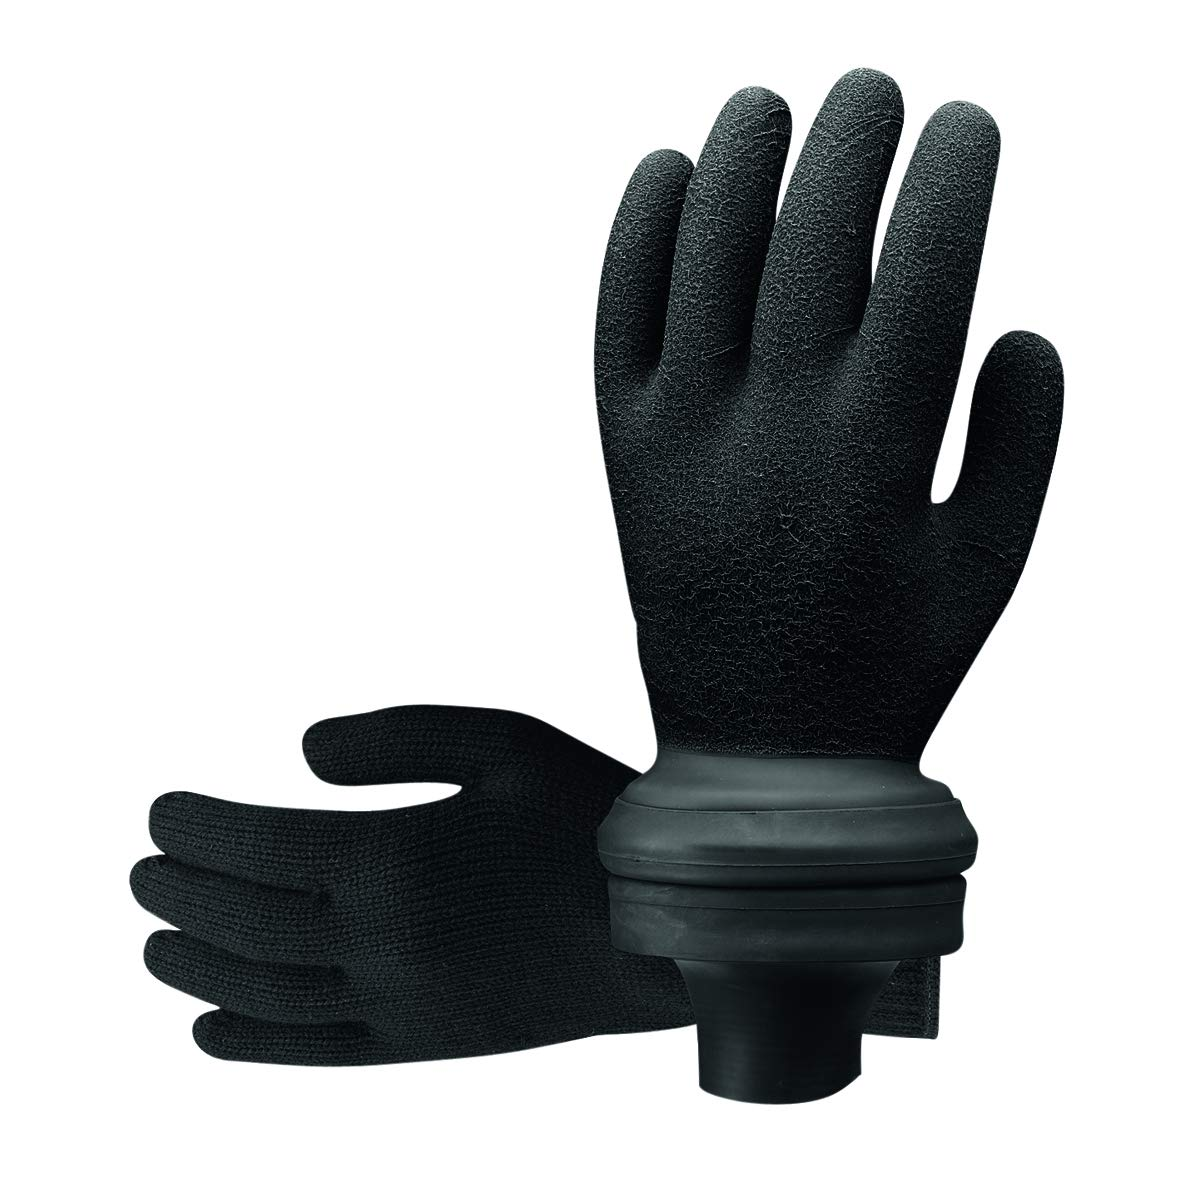 【お気に入り】 Scubapro Easydon防水手袋 B00FADCS8Y ブラック B00FADCS8Y ブラック Medium Medium, Neore:f15b13f4 --- irlandskayaliteratura.org